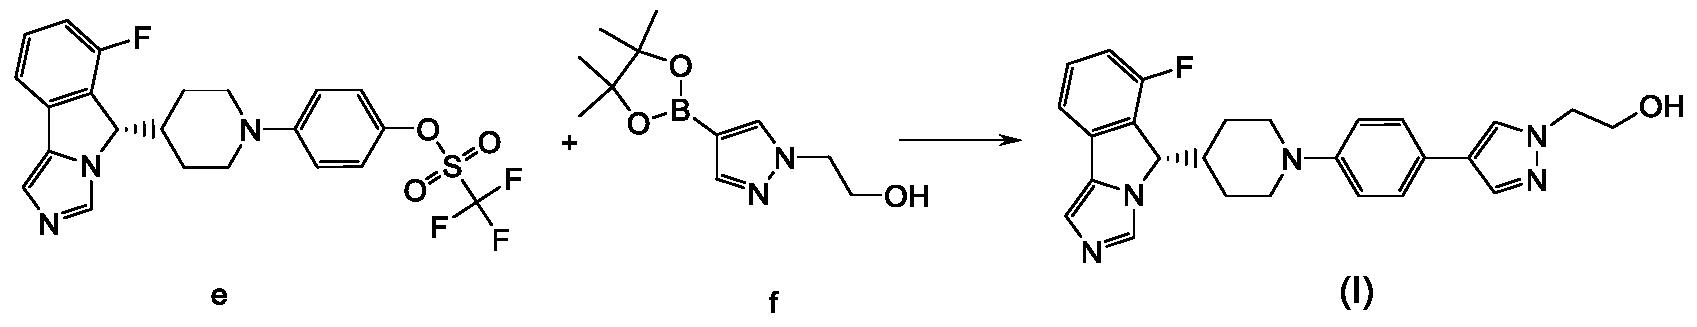 Figure PCTCN2018099113-appb-000015